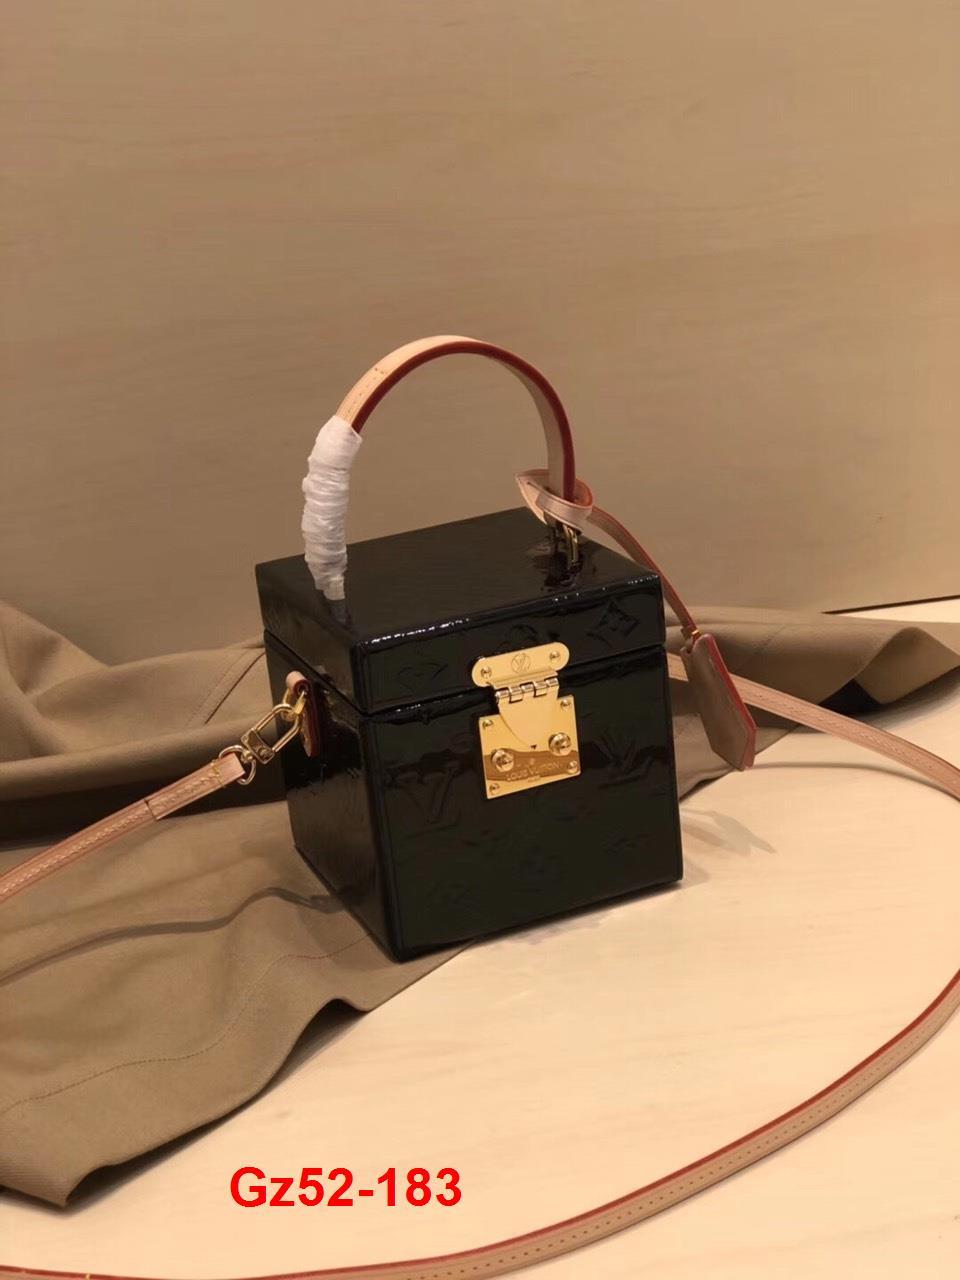 Gz52-183 Louis Vuitton túi size 12cm siêu cấp